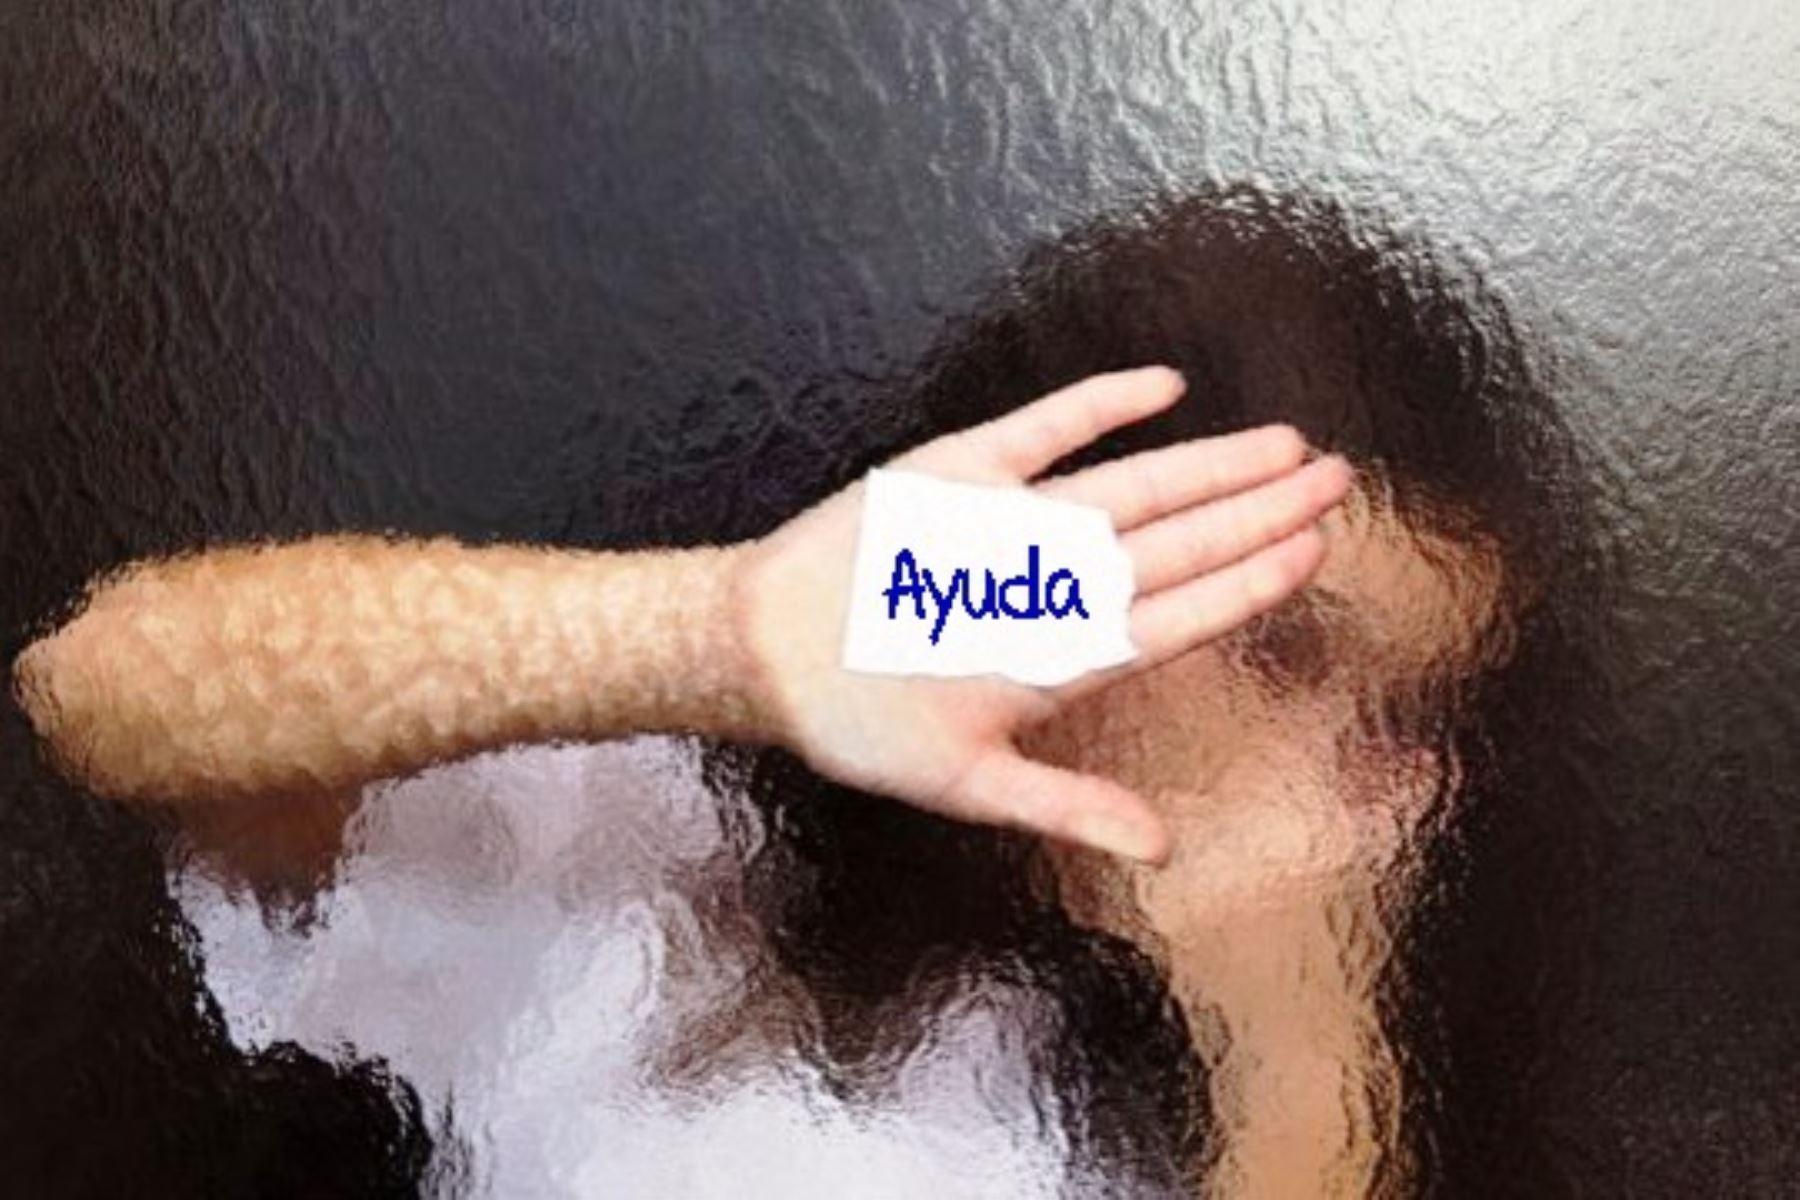 Saludable Mente: maltrato y autolesiones en adolescentes, ¿cómo prevenirlo?